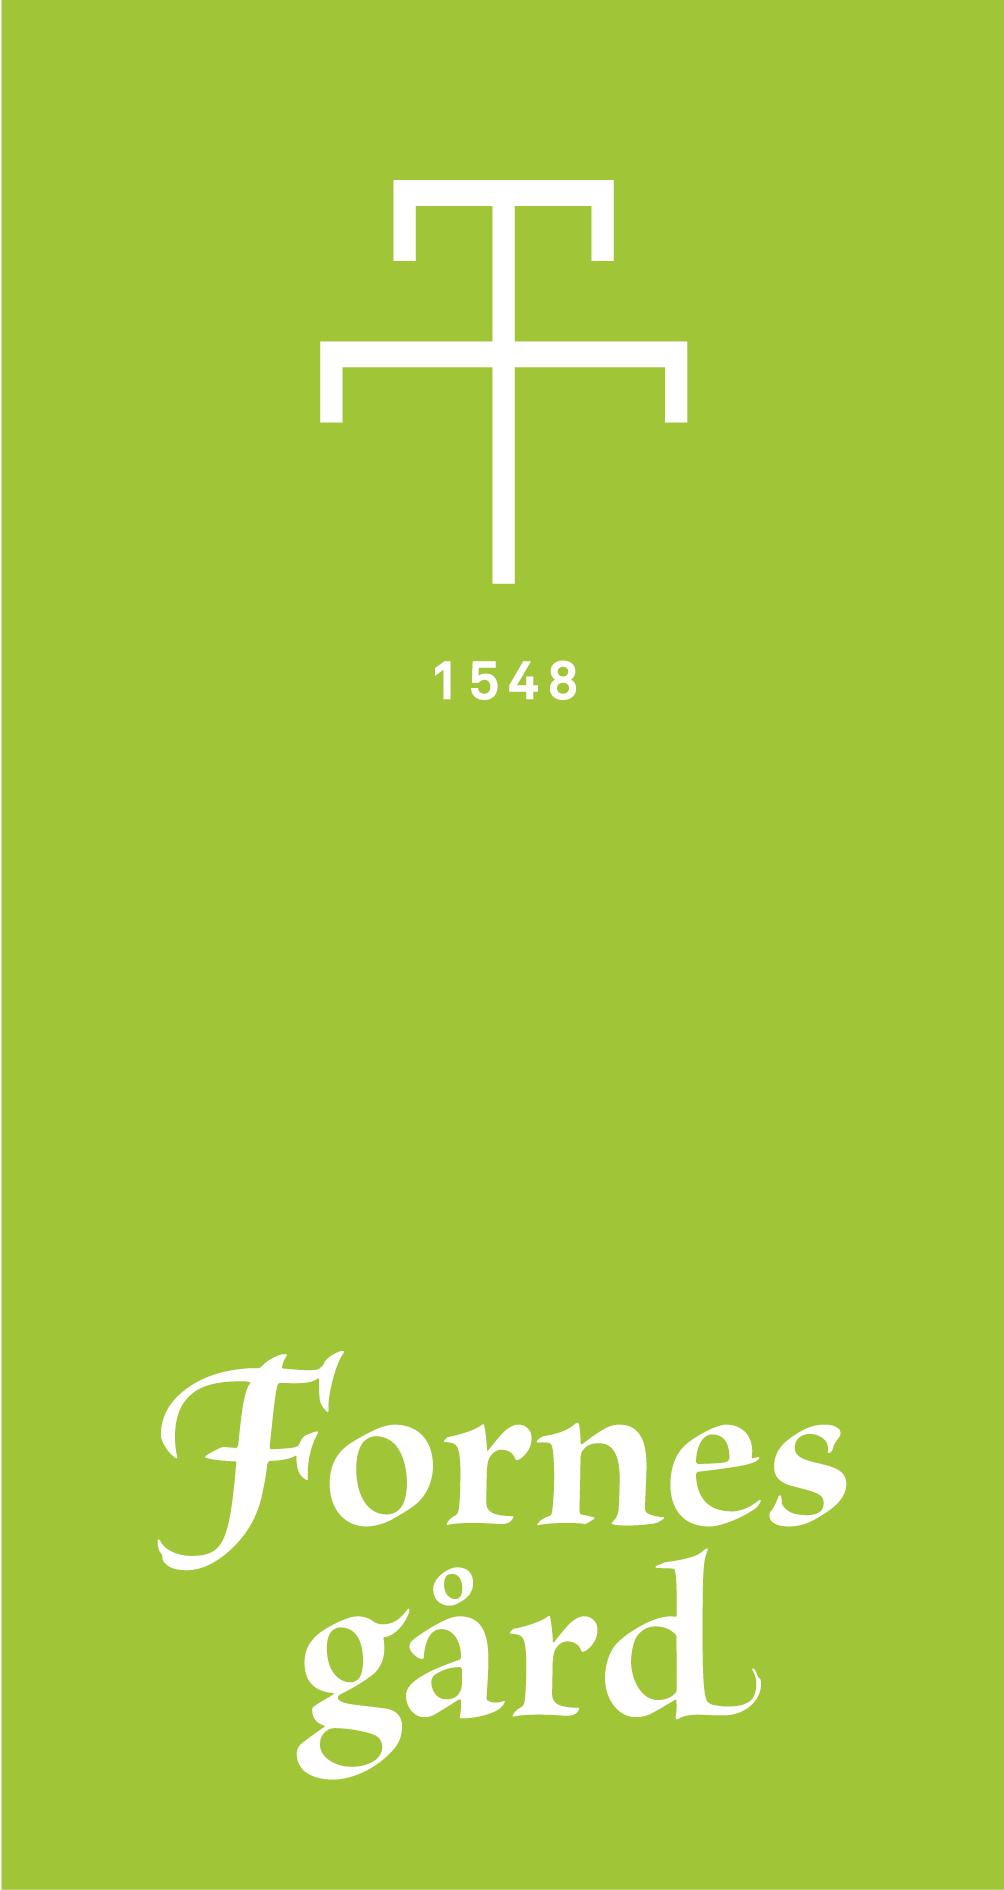 fornes gård logoer høy-11.png